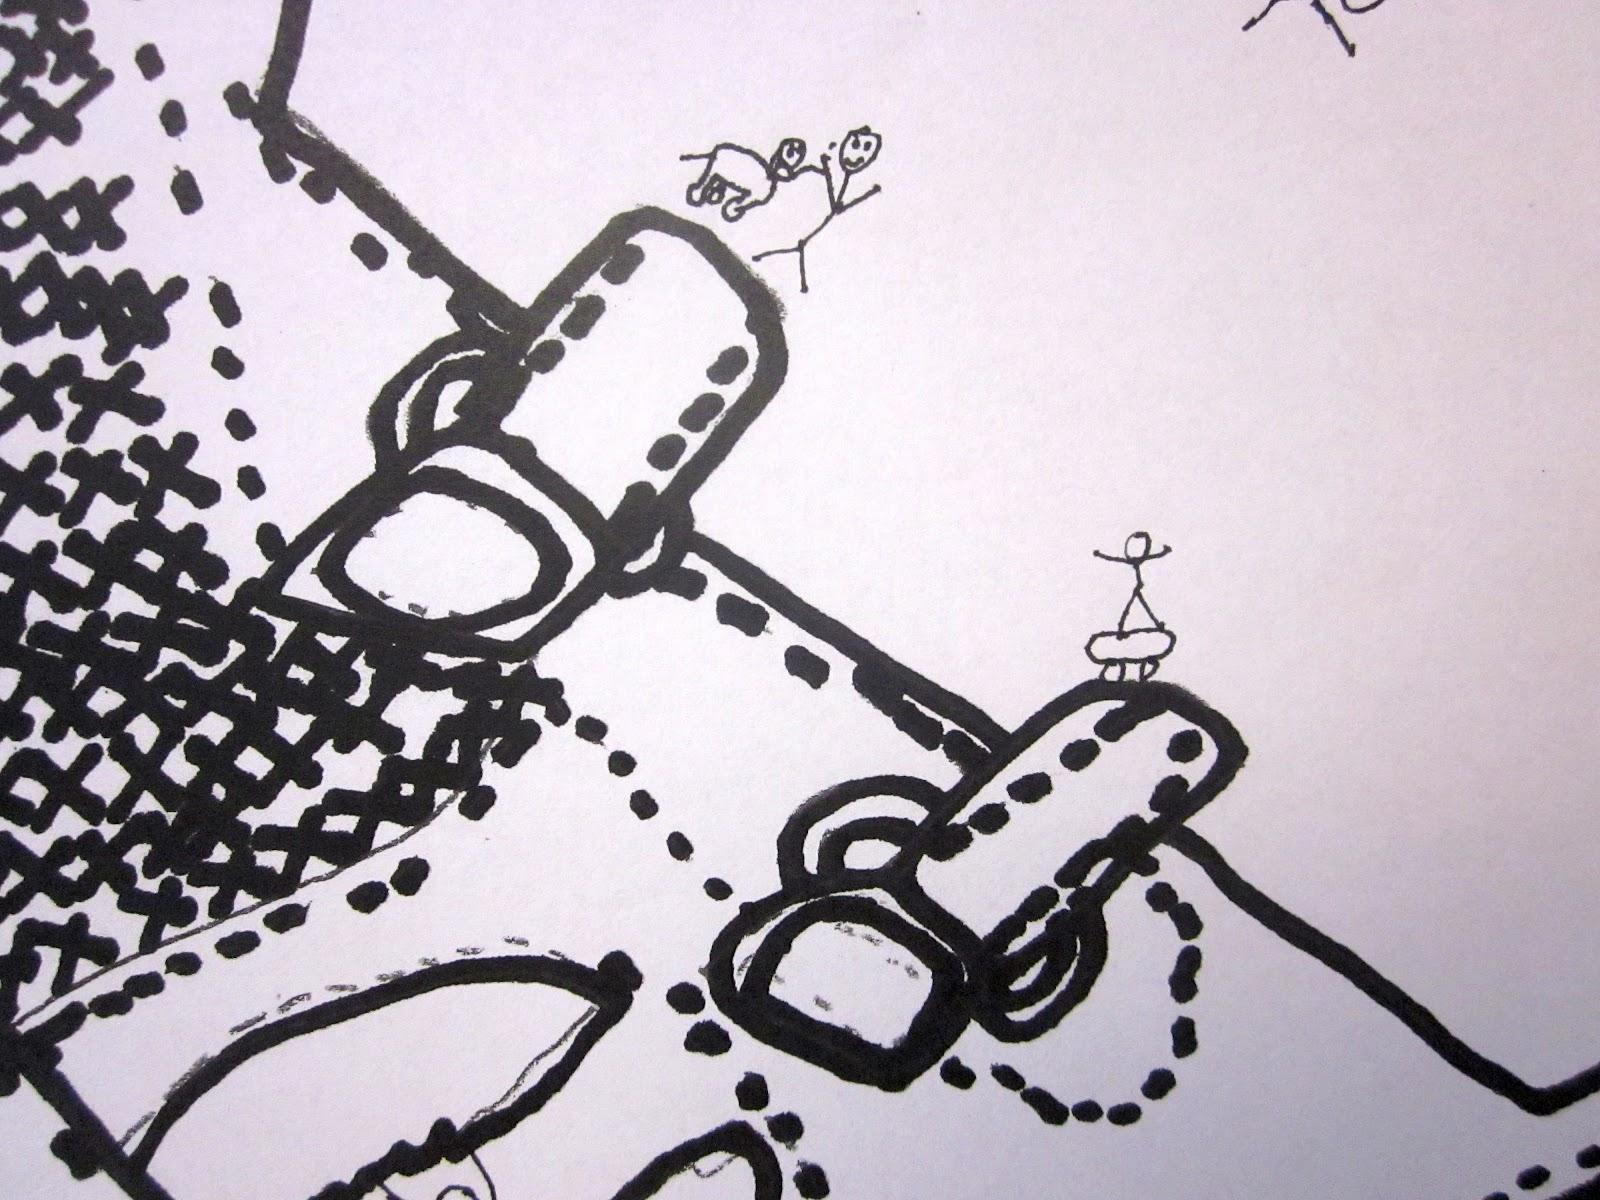 Contour Line Drawing Shoes Lesson Plan : Art is basic teacher blog: contour line drawings of shoes